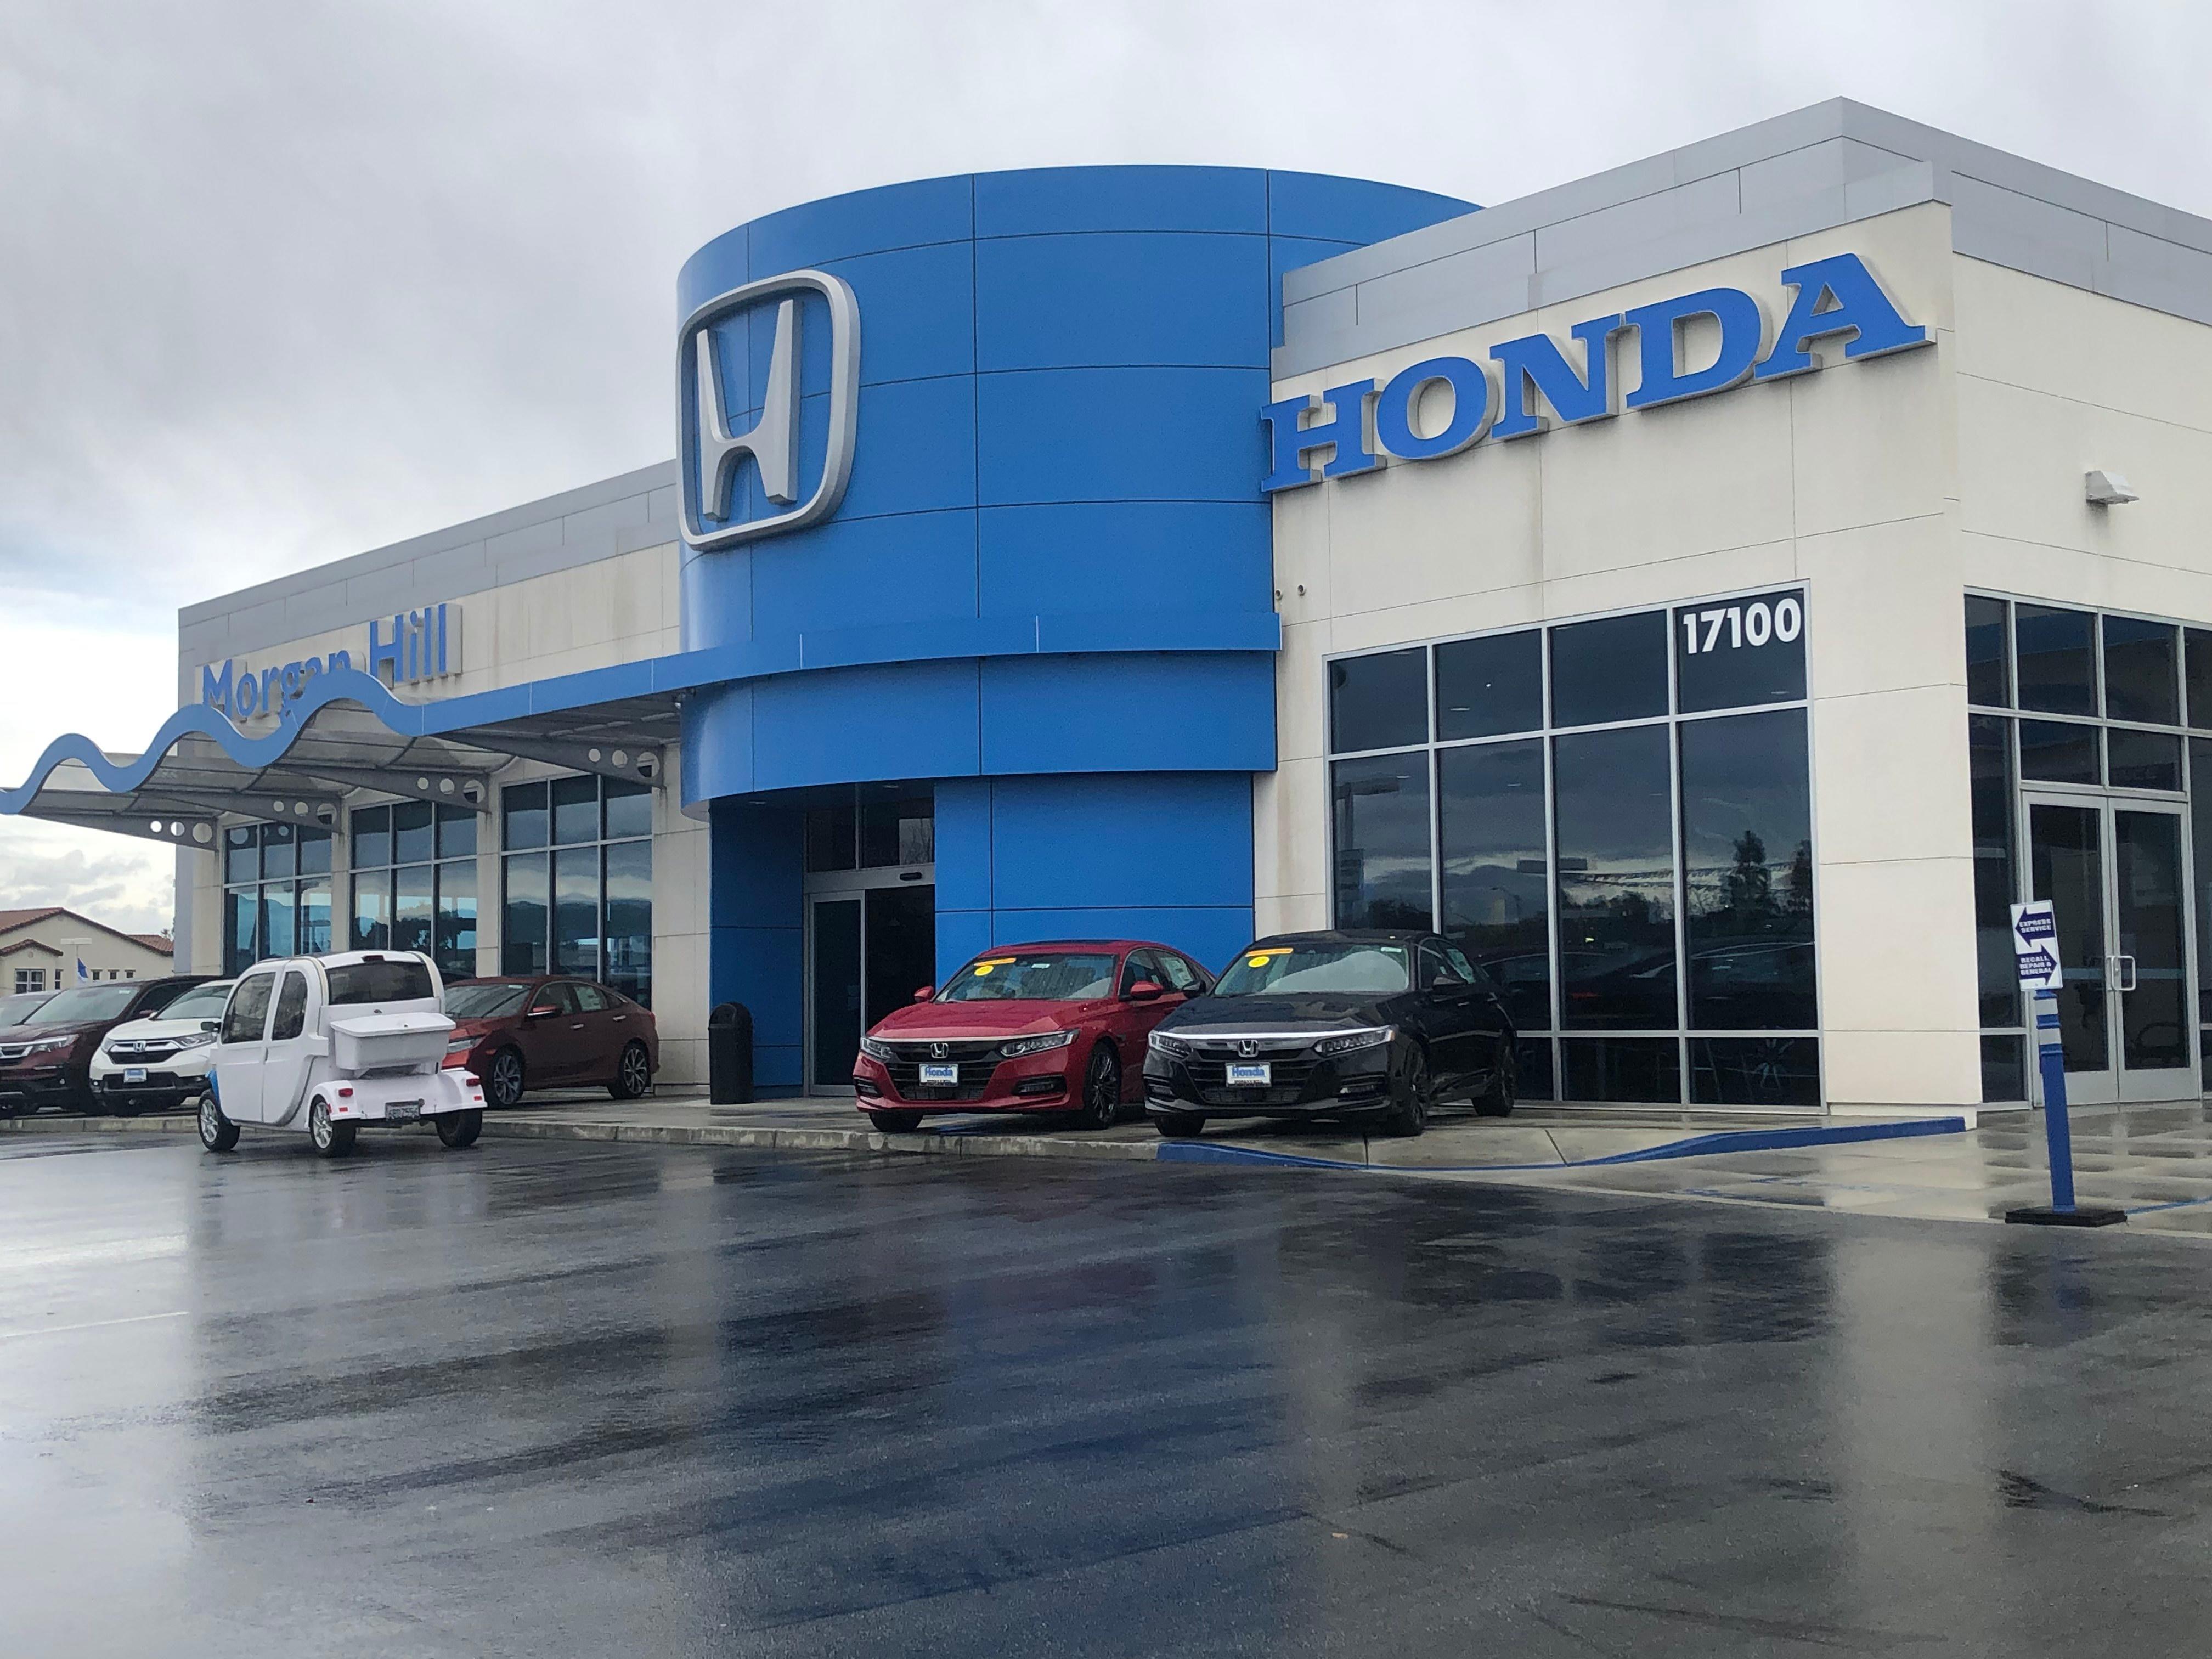 Victory Honda of Morgan Hill image 0